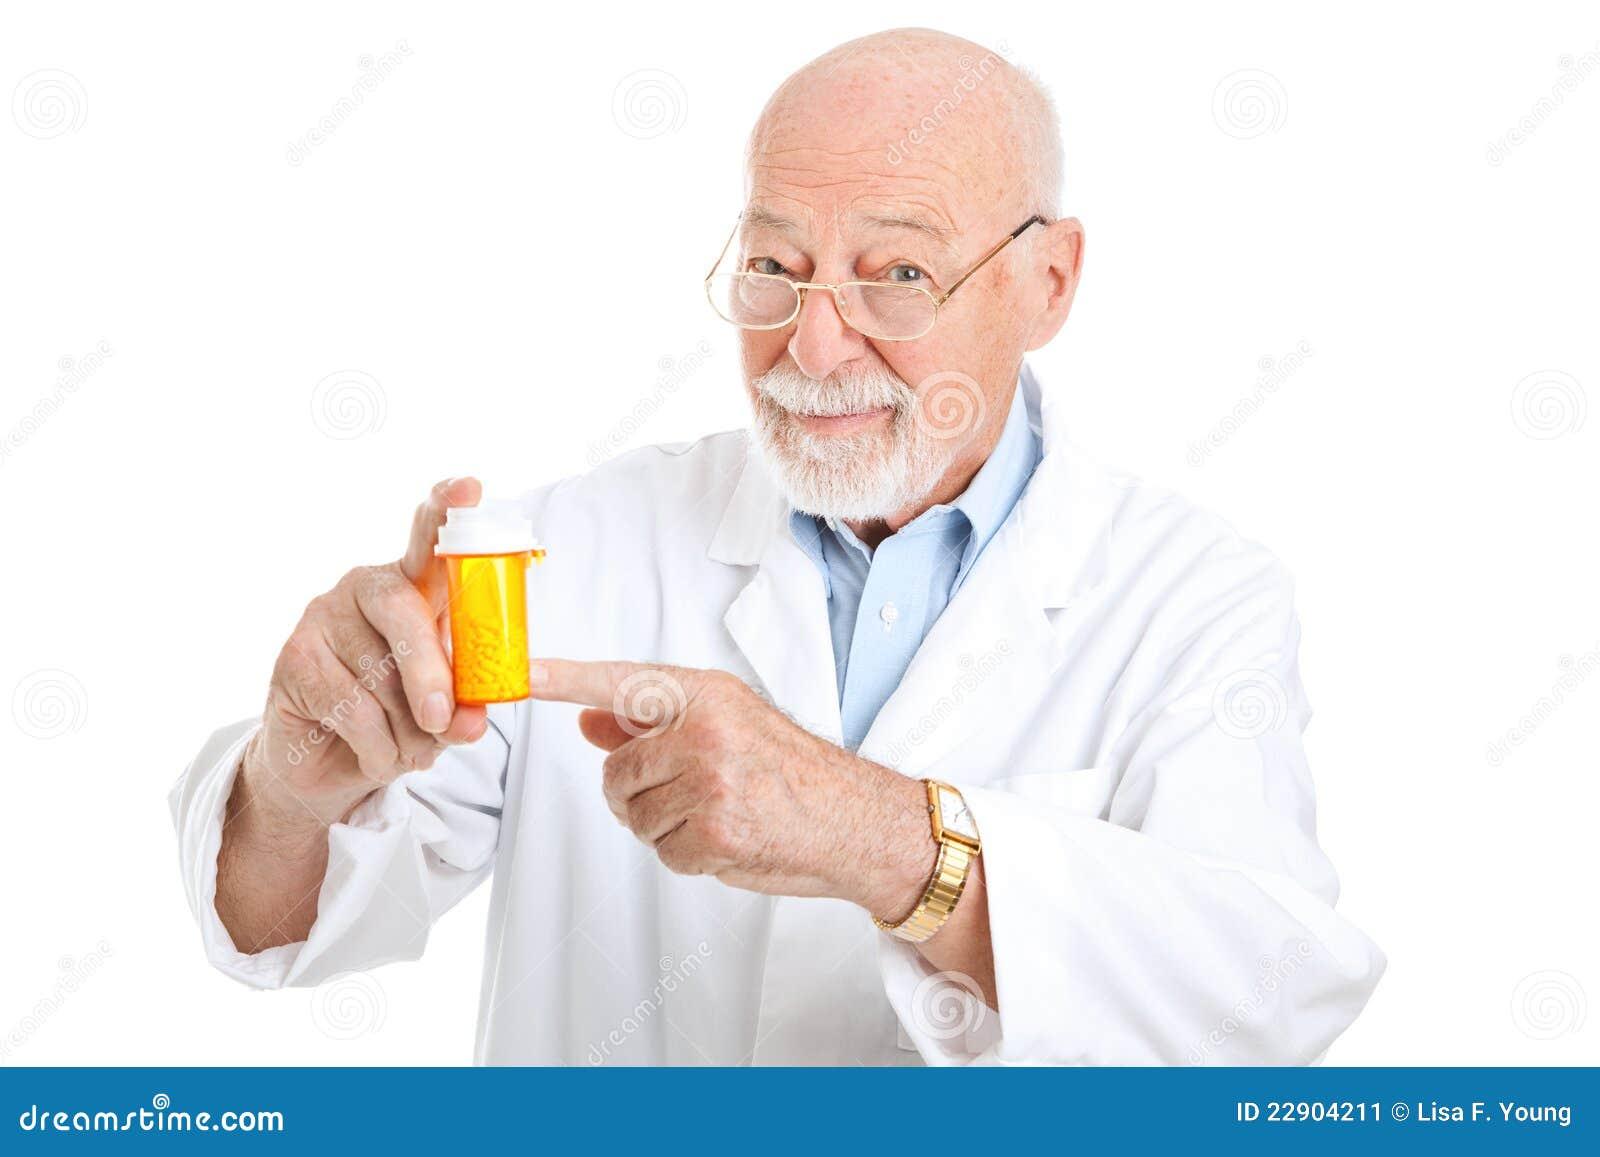 Recomendação do farmacêutico